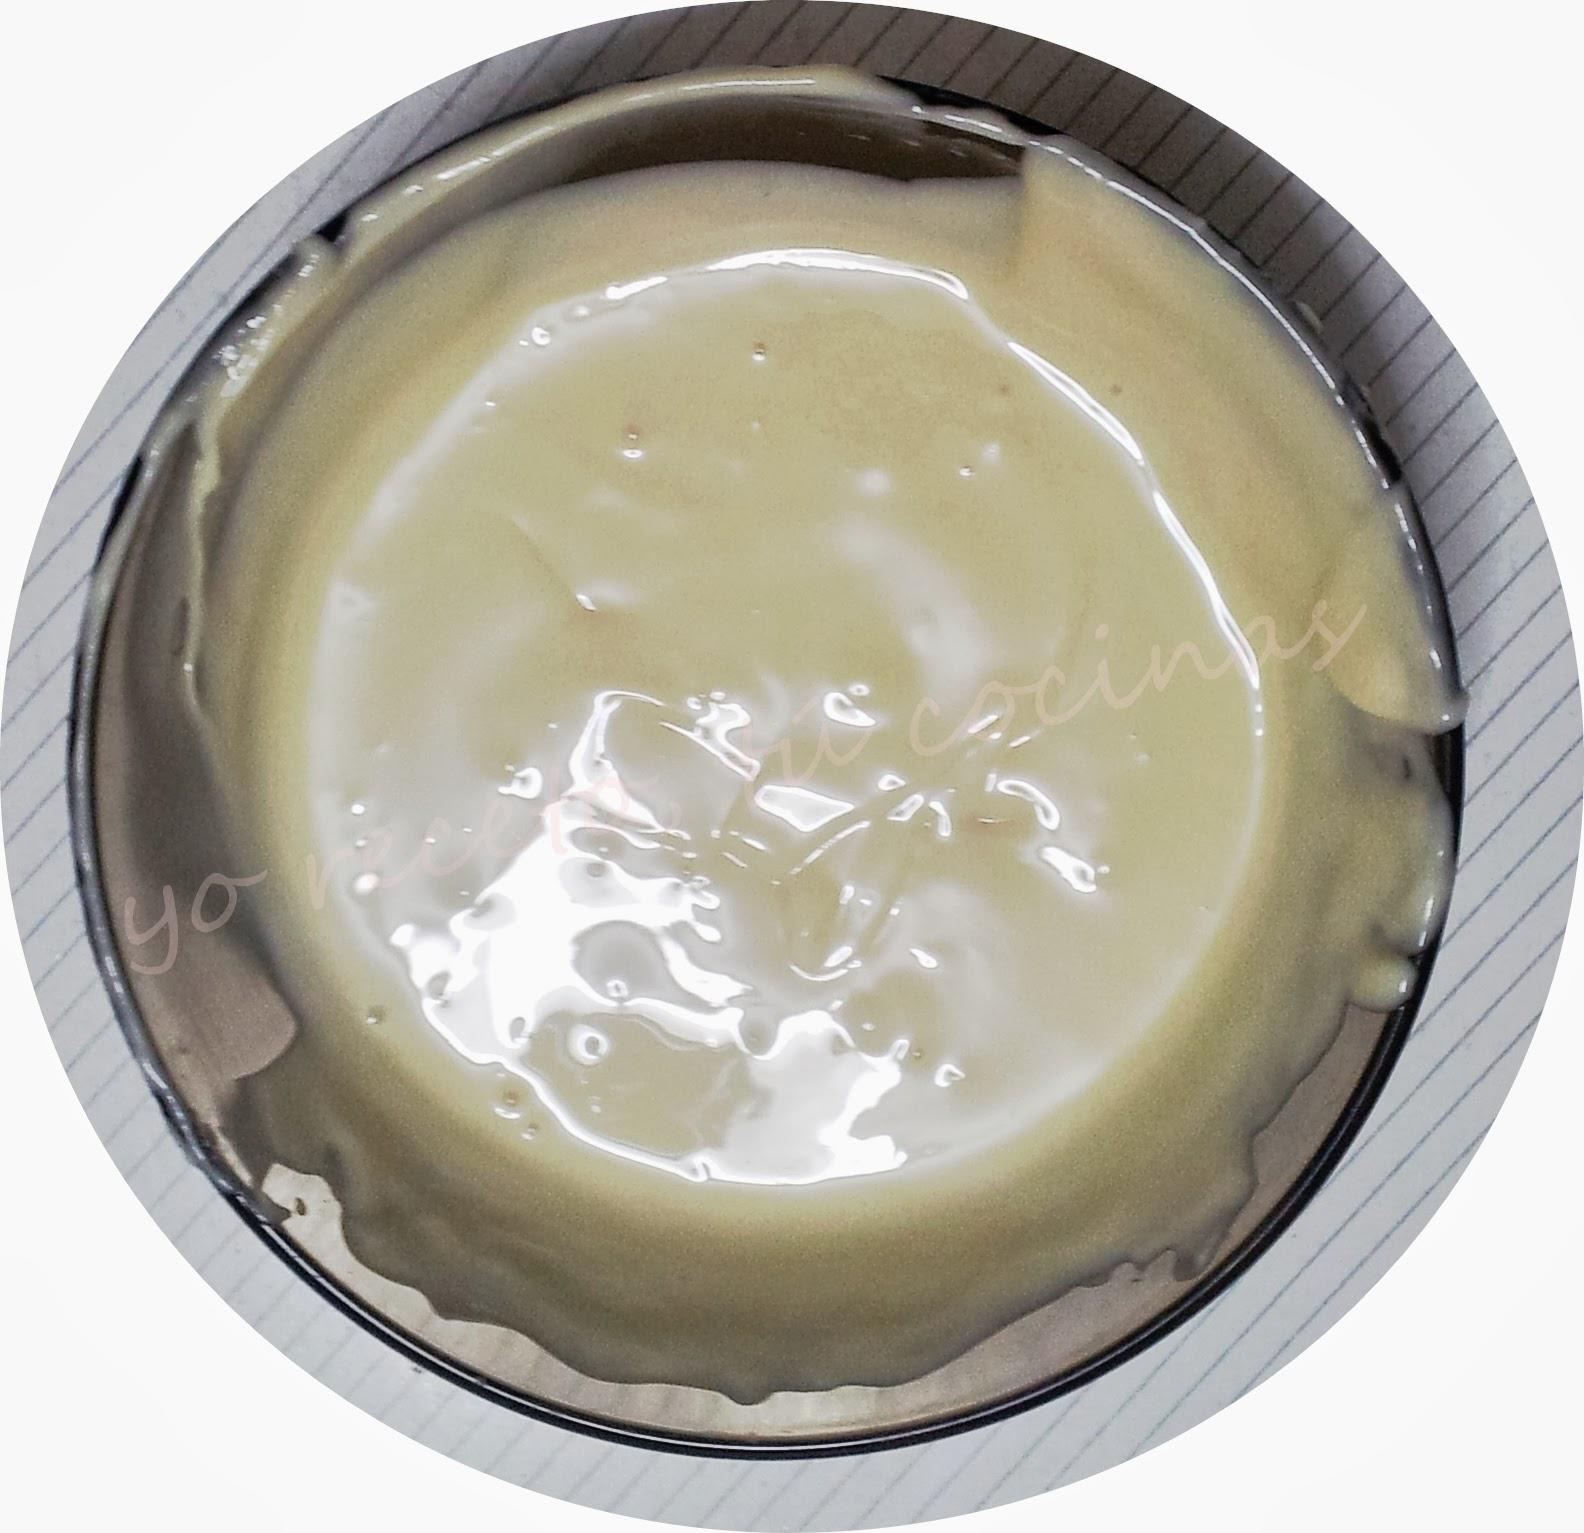 Baño Blanco Para Tartas:También se puede hacer a baño maría, o lo que es lo mismo, poner